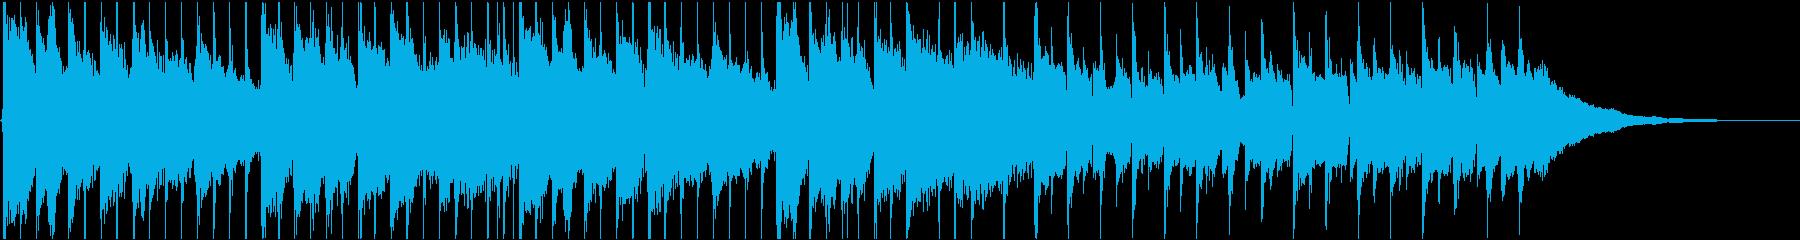 ハッピーで軽快な30秒CMの再生済みの波形